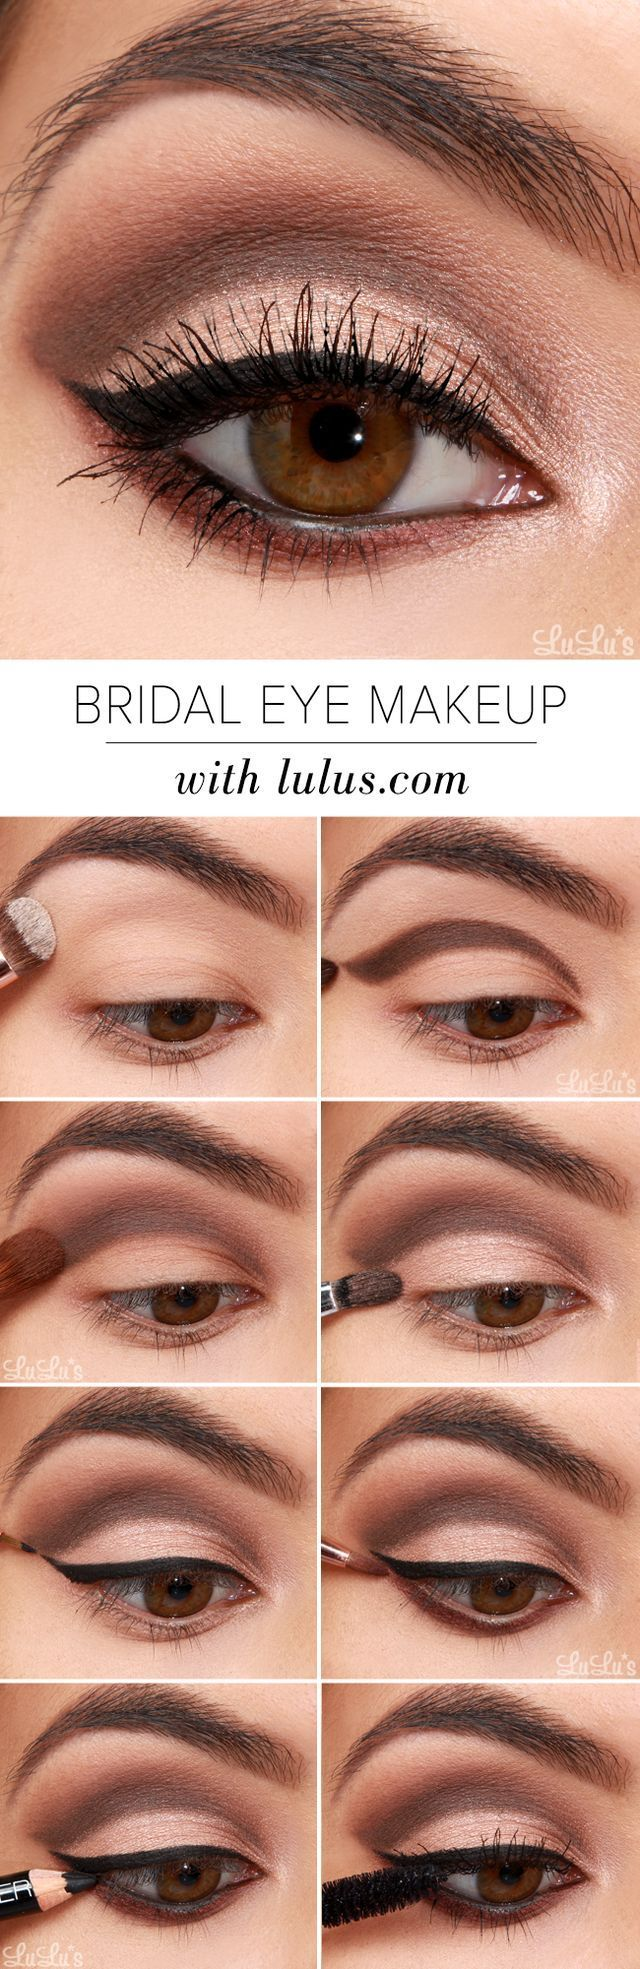 best 25+ special occasion makeup ideas on pinterest | face contour